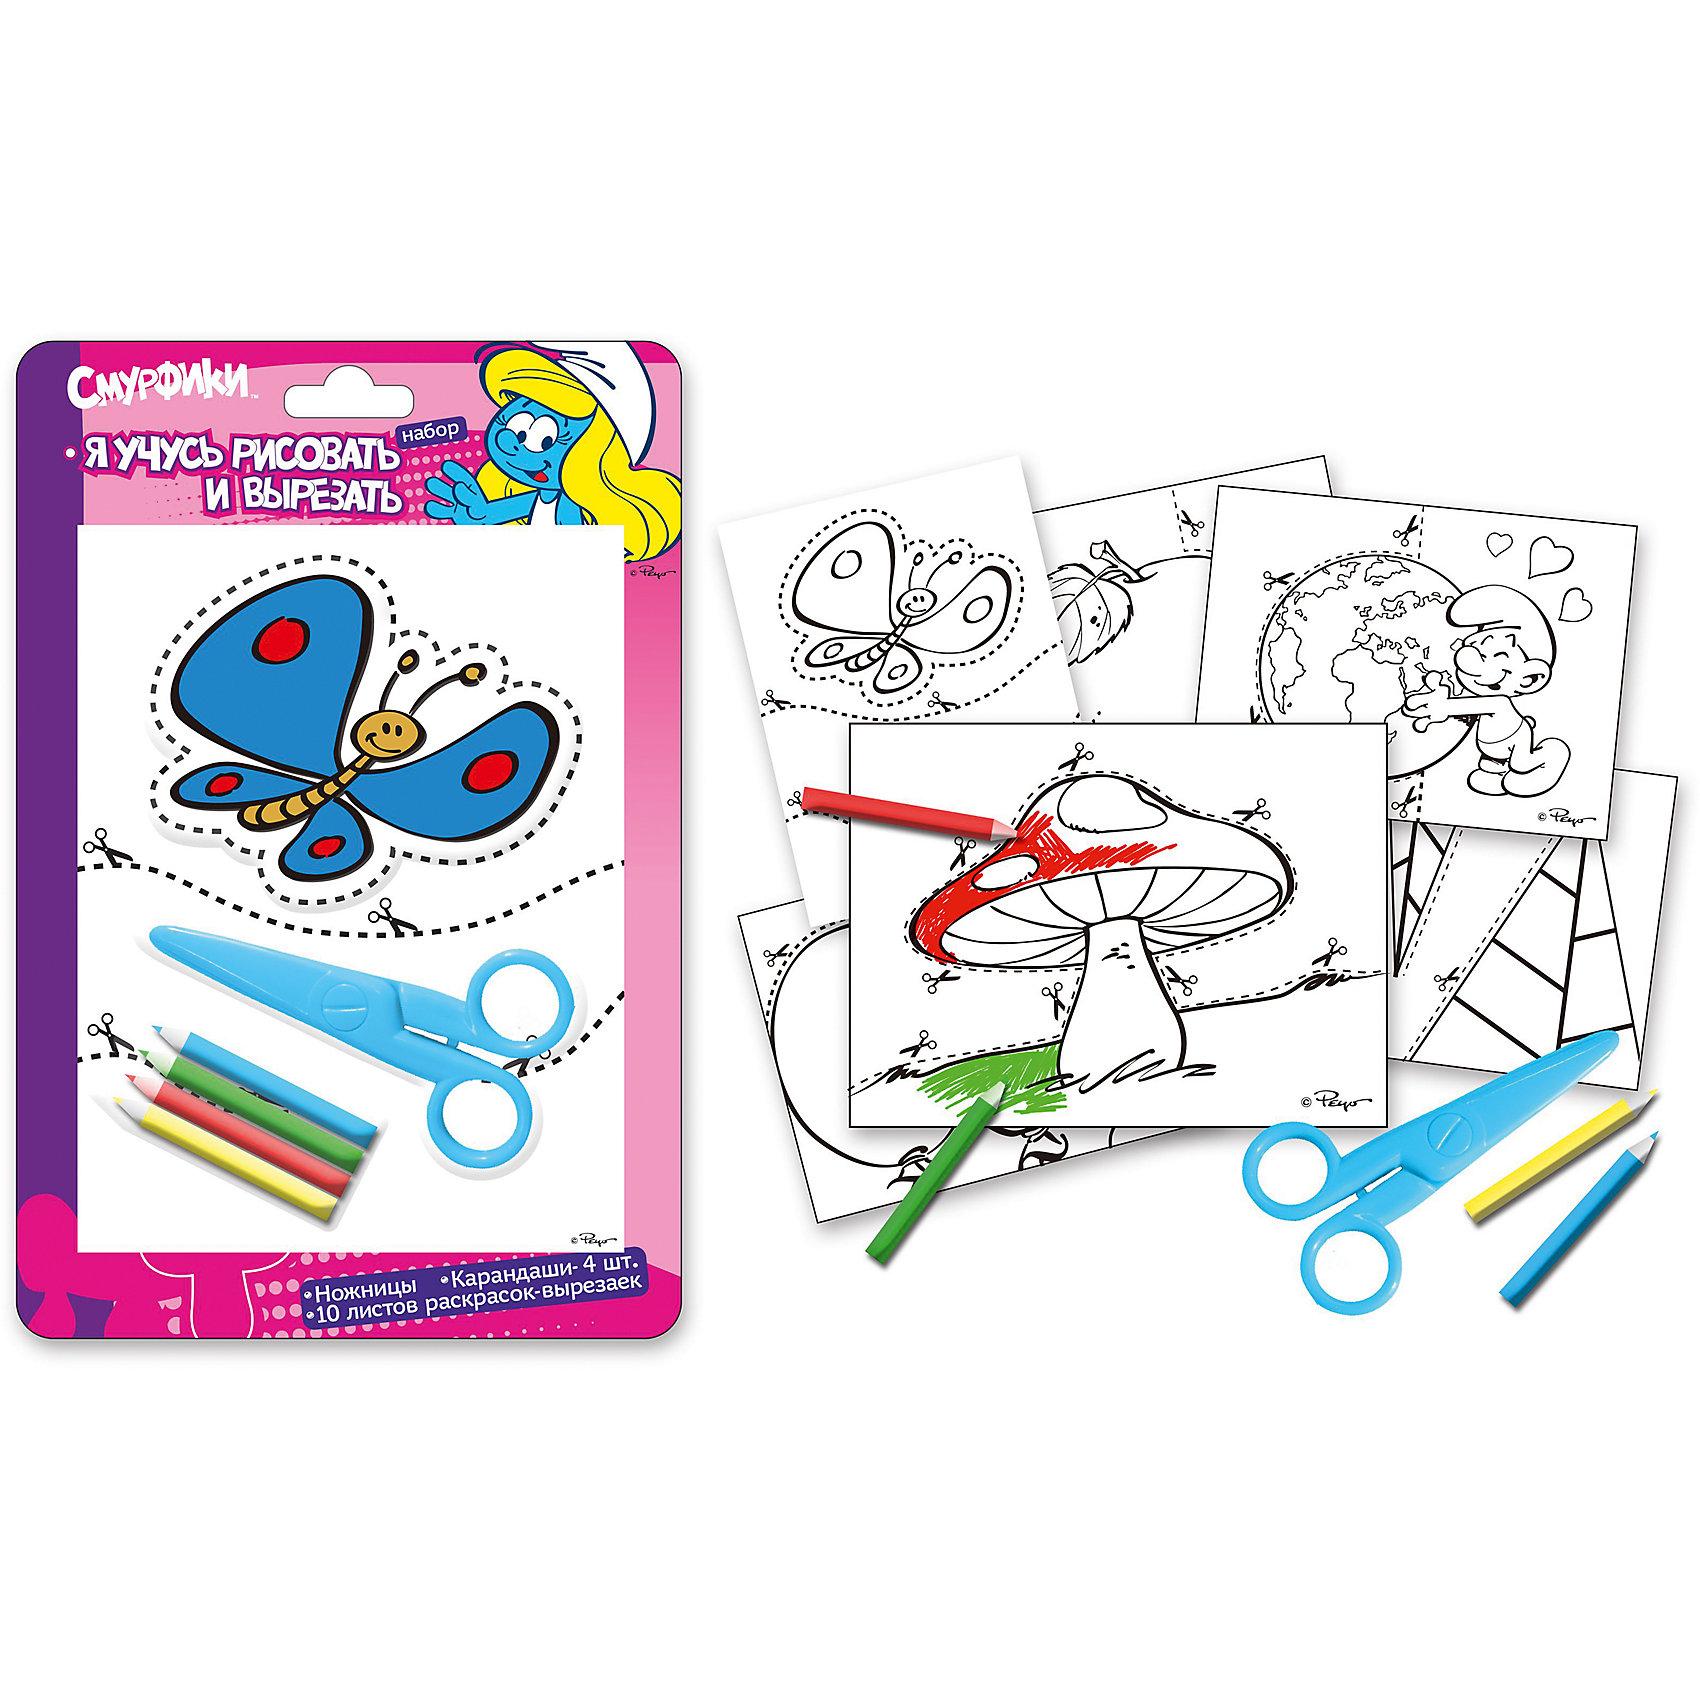 Набор Я учусь рисовать и вырезать, СмурфикиНабор «Я учусь рисовать и вырезать» поможет вам развлечь малыша и подарить ему хорошее настроение. Кроме того, рисование и вырезание картинок – не просто увлекательное, но еще и чрезвычайно полезное занятие: у малыша развиваются цветовое восприятие, координация мелких движений, мелкая моторика рук.<br>В набор входят: &#13;<br>1) Пластиковые ножницы – 1 шт. Безопасны для малыша, так как сделаны из пластика и имеют закругленные концы. Благодаря удобным пластиковым ручкам, ребенок легко освоит технику работы с ножницами, вырезая различные фигурки.&#13;<br>2) Раскраски-вырезайки – 10 листов.&#13;<br>3) Цветные карандаши – 4 шт. Обладают яркими цветами, изготовлены из высококачественной древесины, имеют прочный грифель, легко затачиваются, безопасны при использовании по назначению. &#13;<br><br>Дополнительная информация:<br><br>- Материал: пластик, дерево.<br>- Комплектация: ножницы (1 шт), раскраски (10 листов), цветные карандаши (4 шт).<br>- Размер упаковки: 26,5х17,5х1 см.<br><br>Набор Я учусь рисовать и вырезать, Смурфики, можно купить в нашем магазине.<br><br>Ширина мм: 265<br>Глубина мм: 175<br>Высота мм: 10<br>Вес г: 110<br>Возраст от месяцев: 36<br>Возраст до месяцев: 108<br>Пол: Унисекс<br>Возраст: Детский<br>SKU: 4074018